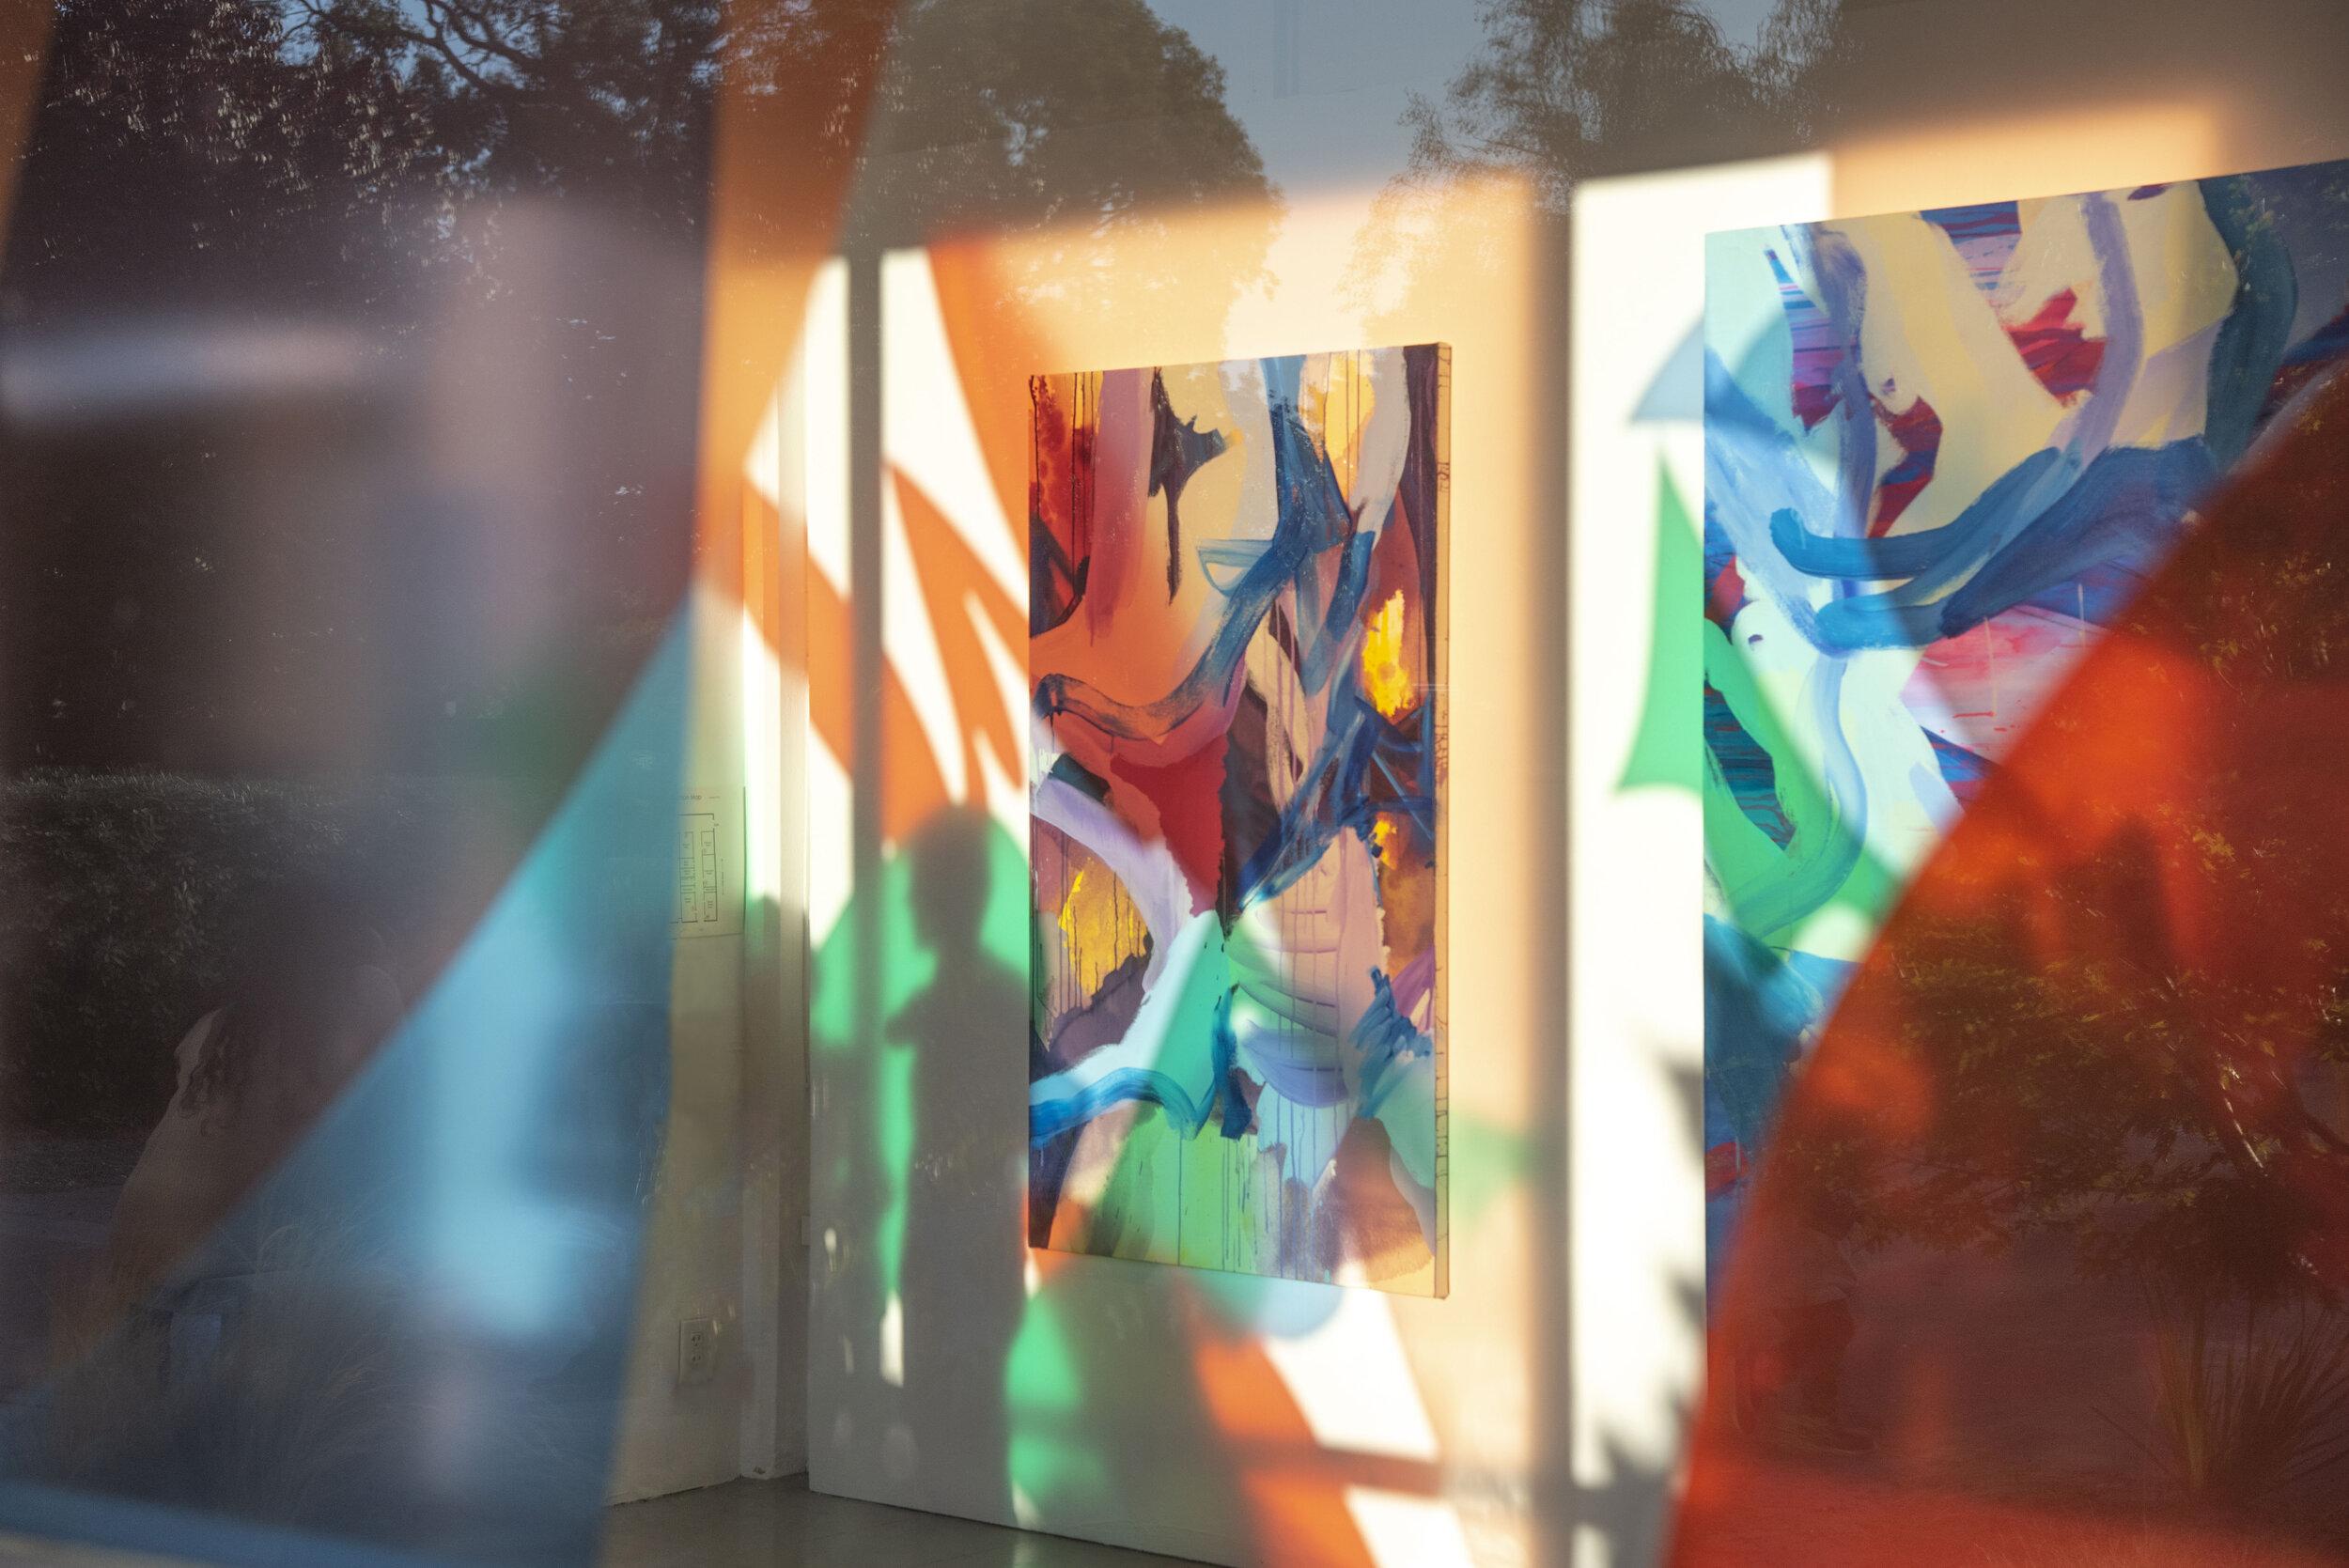 Thresholds  installation view ,  2019, Richmond Art Center, Richmond, California